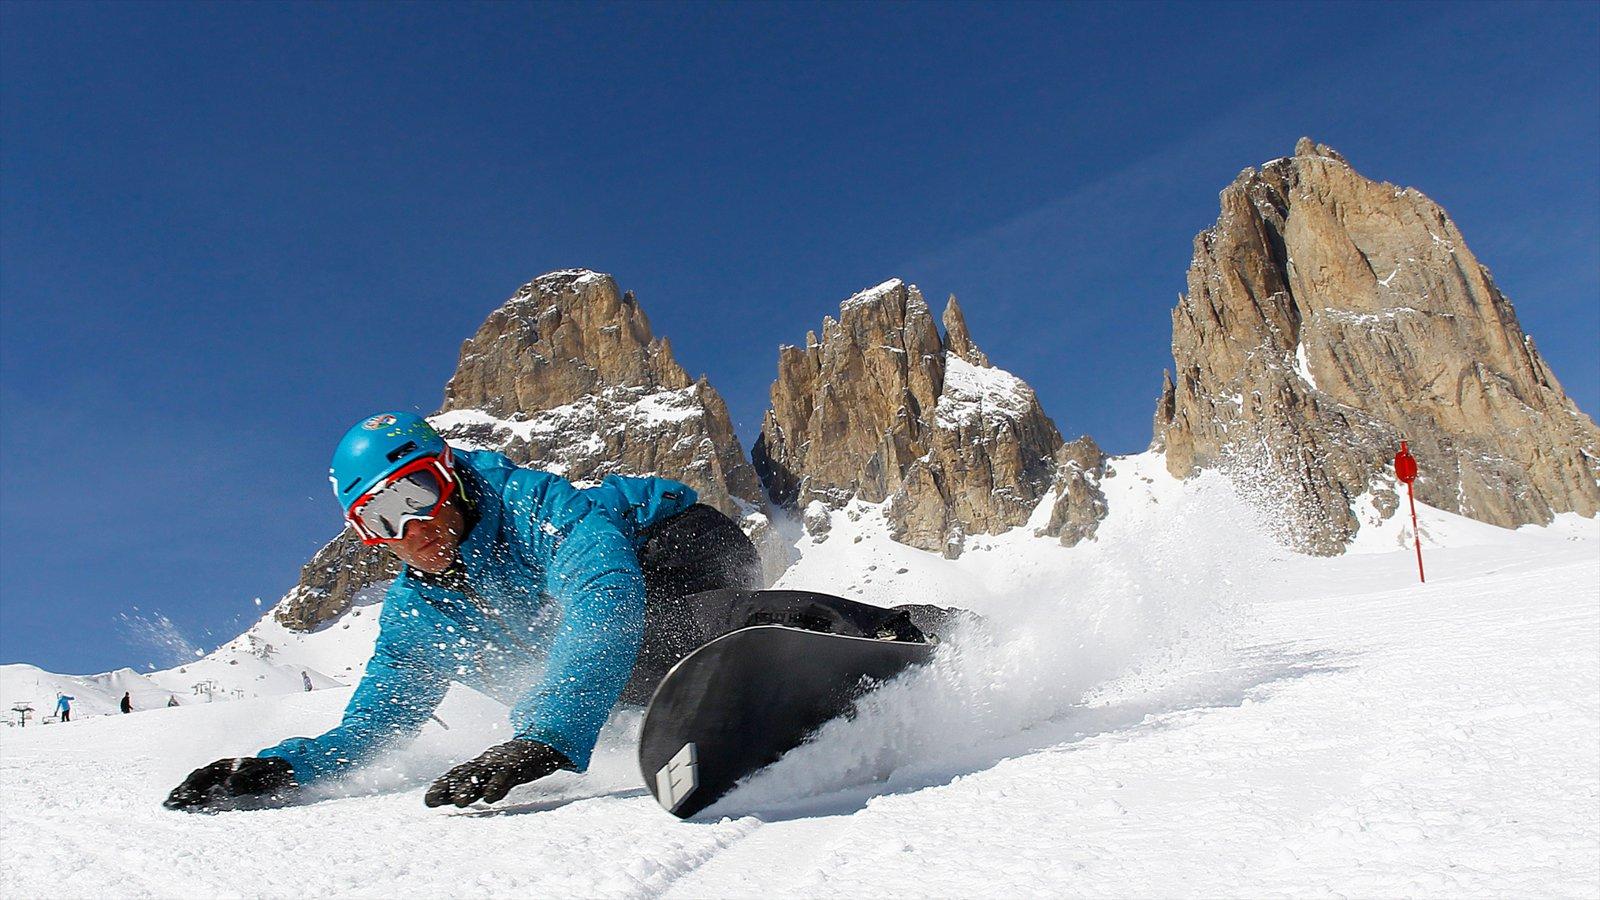 Fassa Valley que inclui neve, snowboard e montanhas